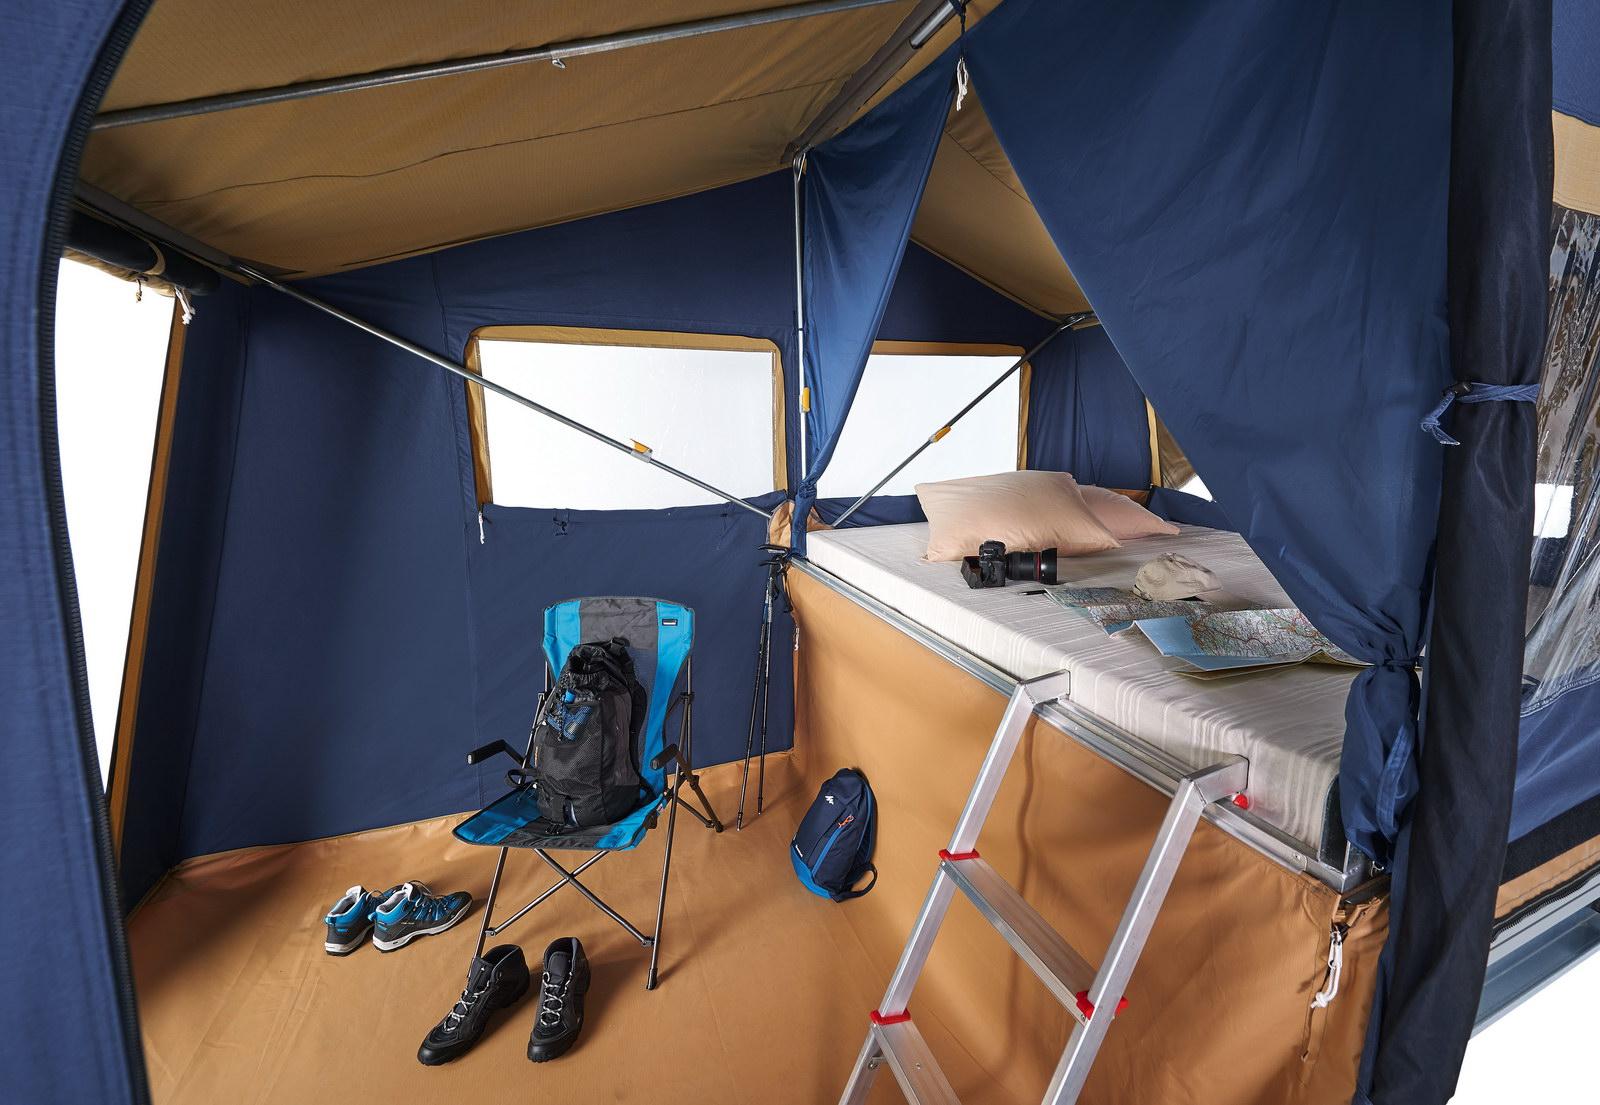 Kamp prikolice | Počitniške prikolice | Šotorske prikolice | Brako prikolice | Oztrail Quest